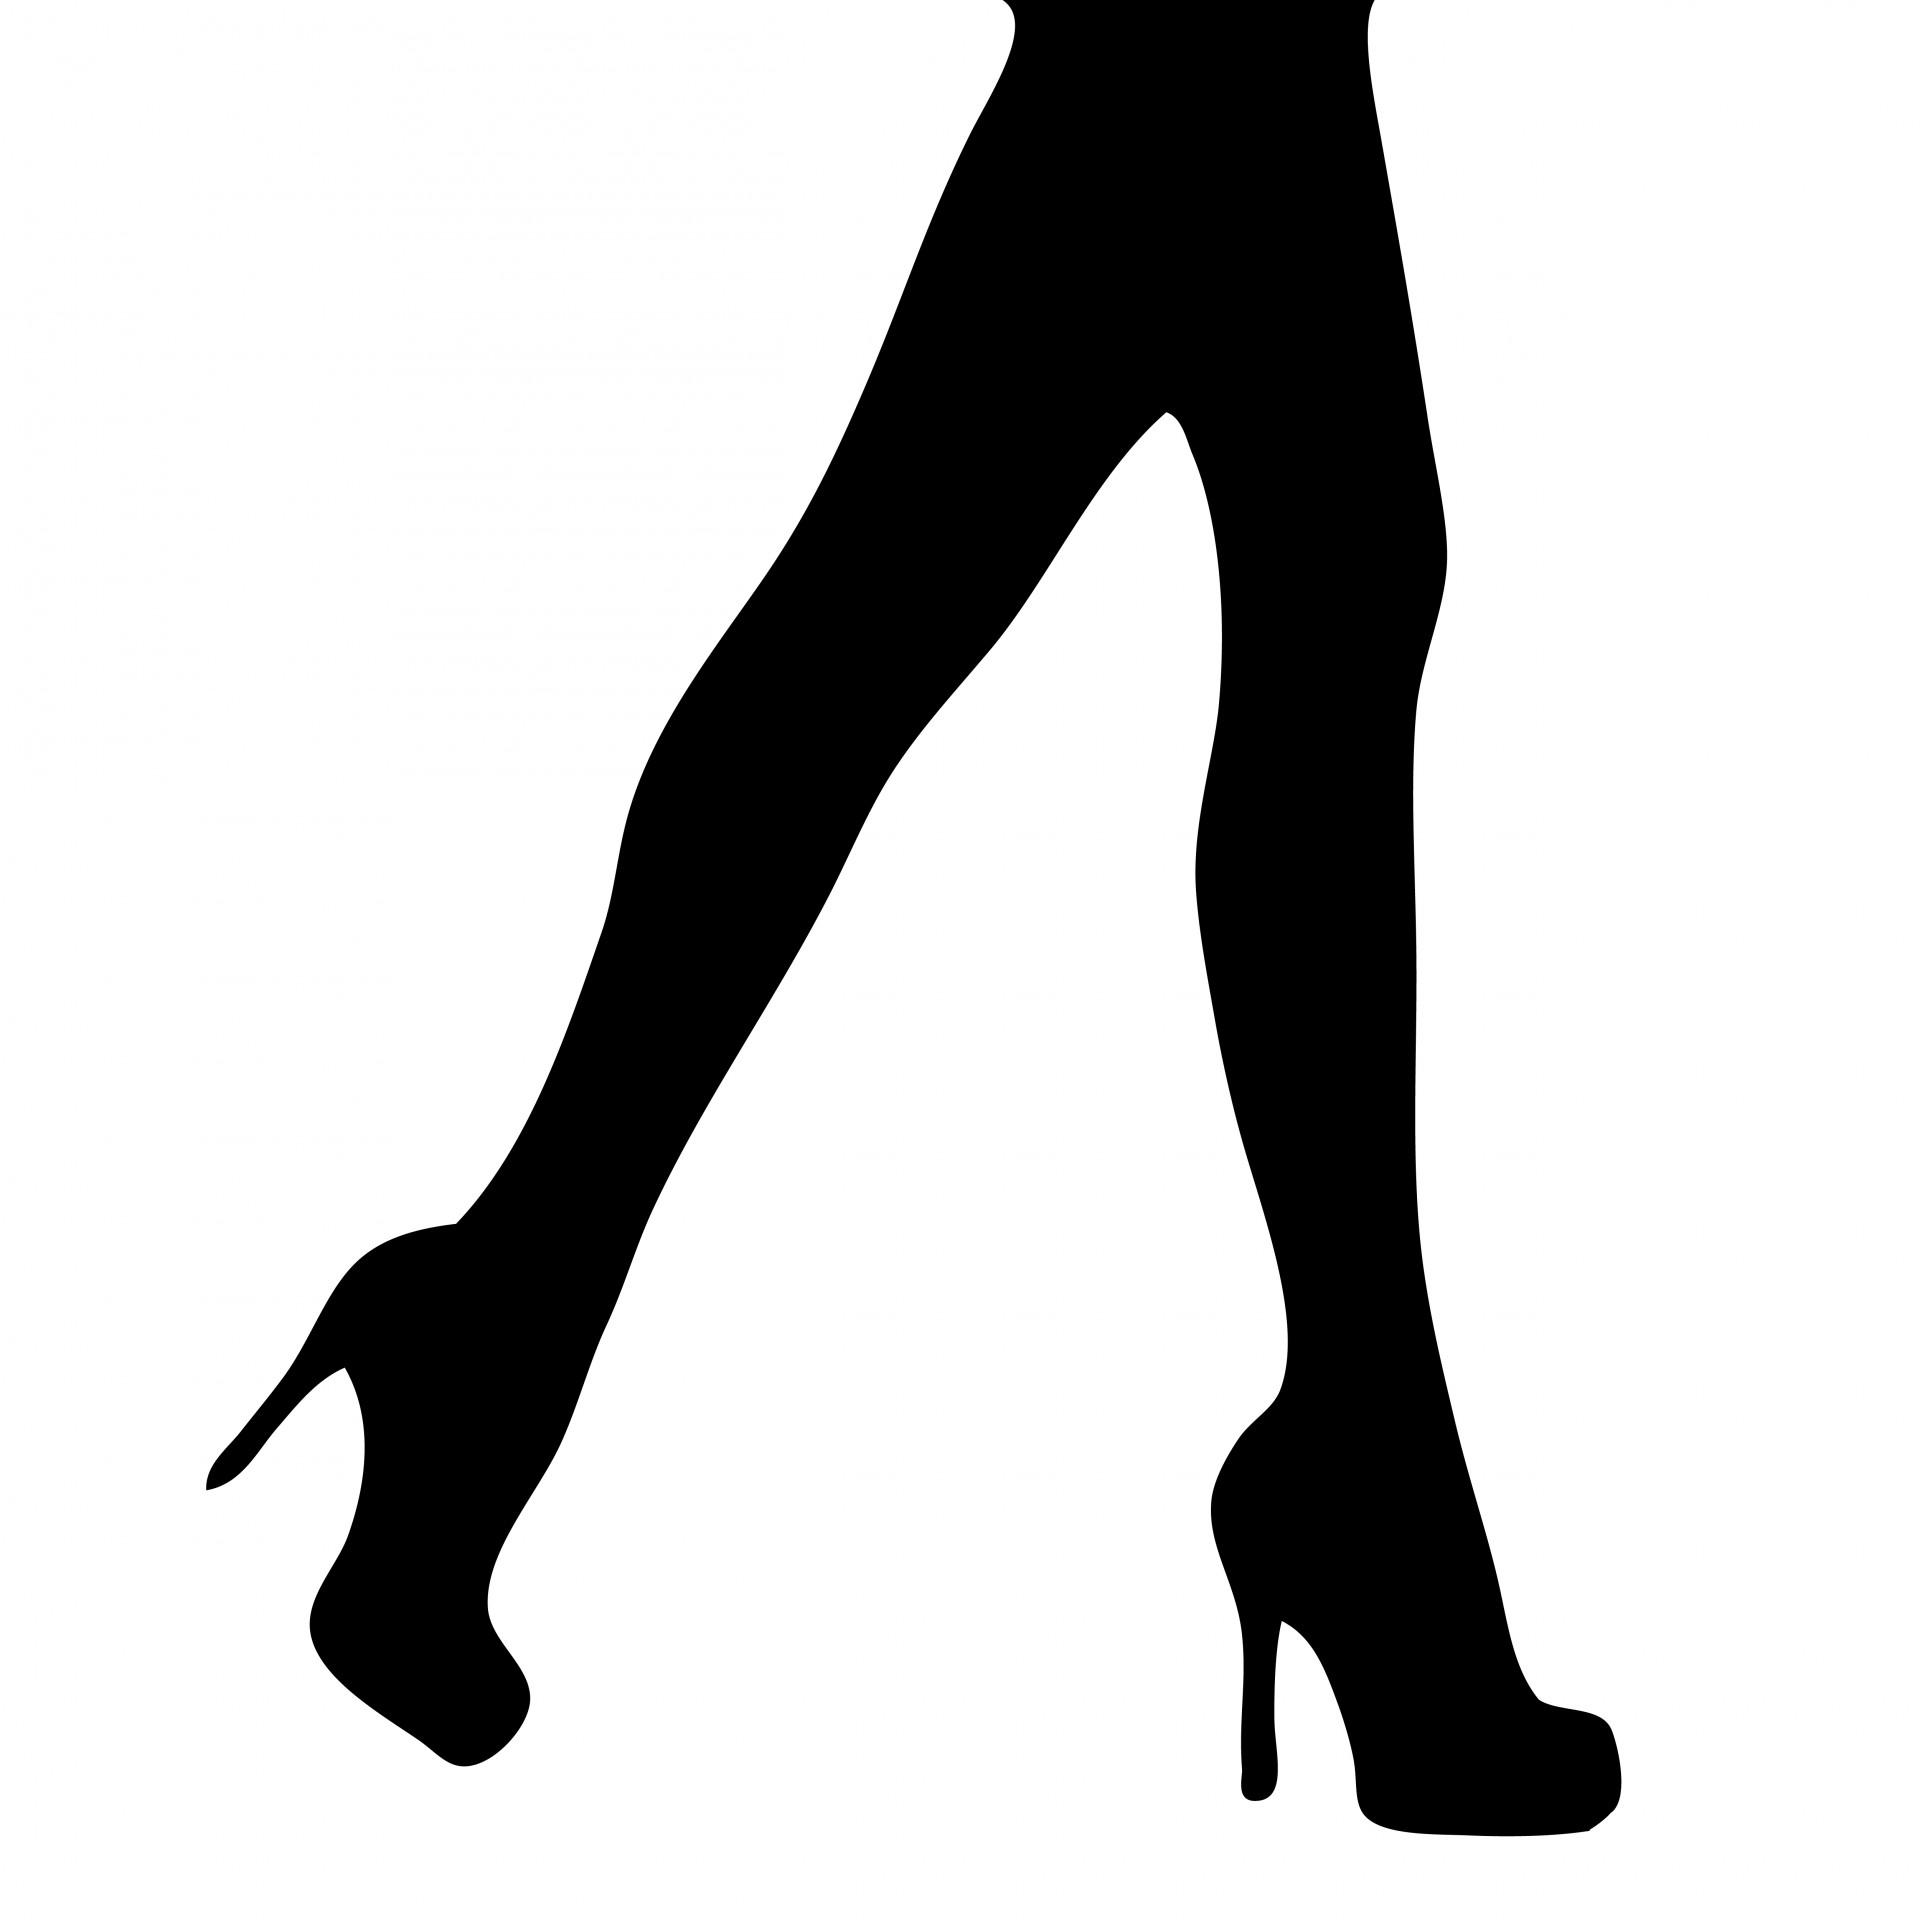 Heels clipart human Heel — Images Heel Clipart